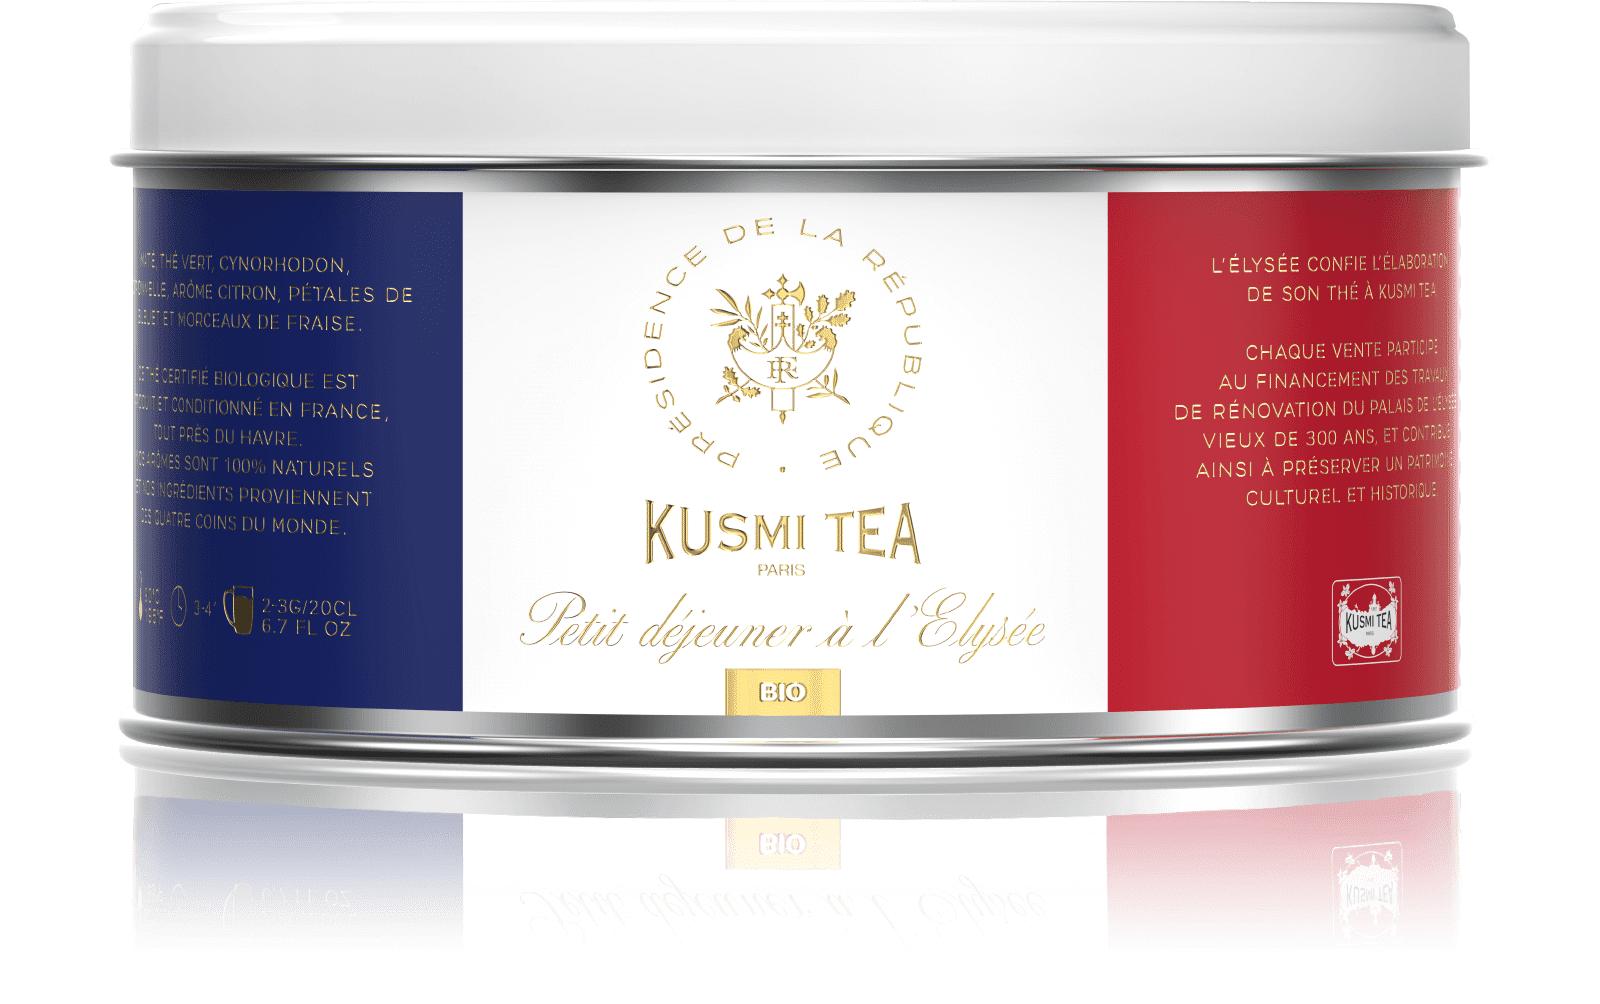 KUSMI TEA Petit déjeuner à l'Elysée bio - Thé vert, maté, citron - Kusmi Tea